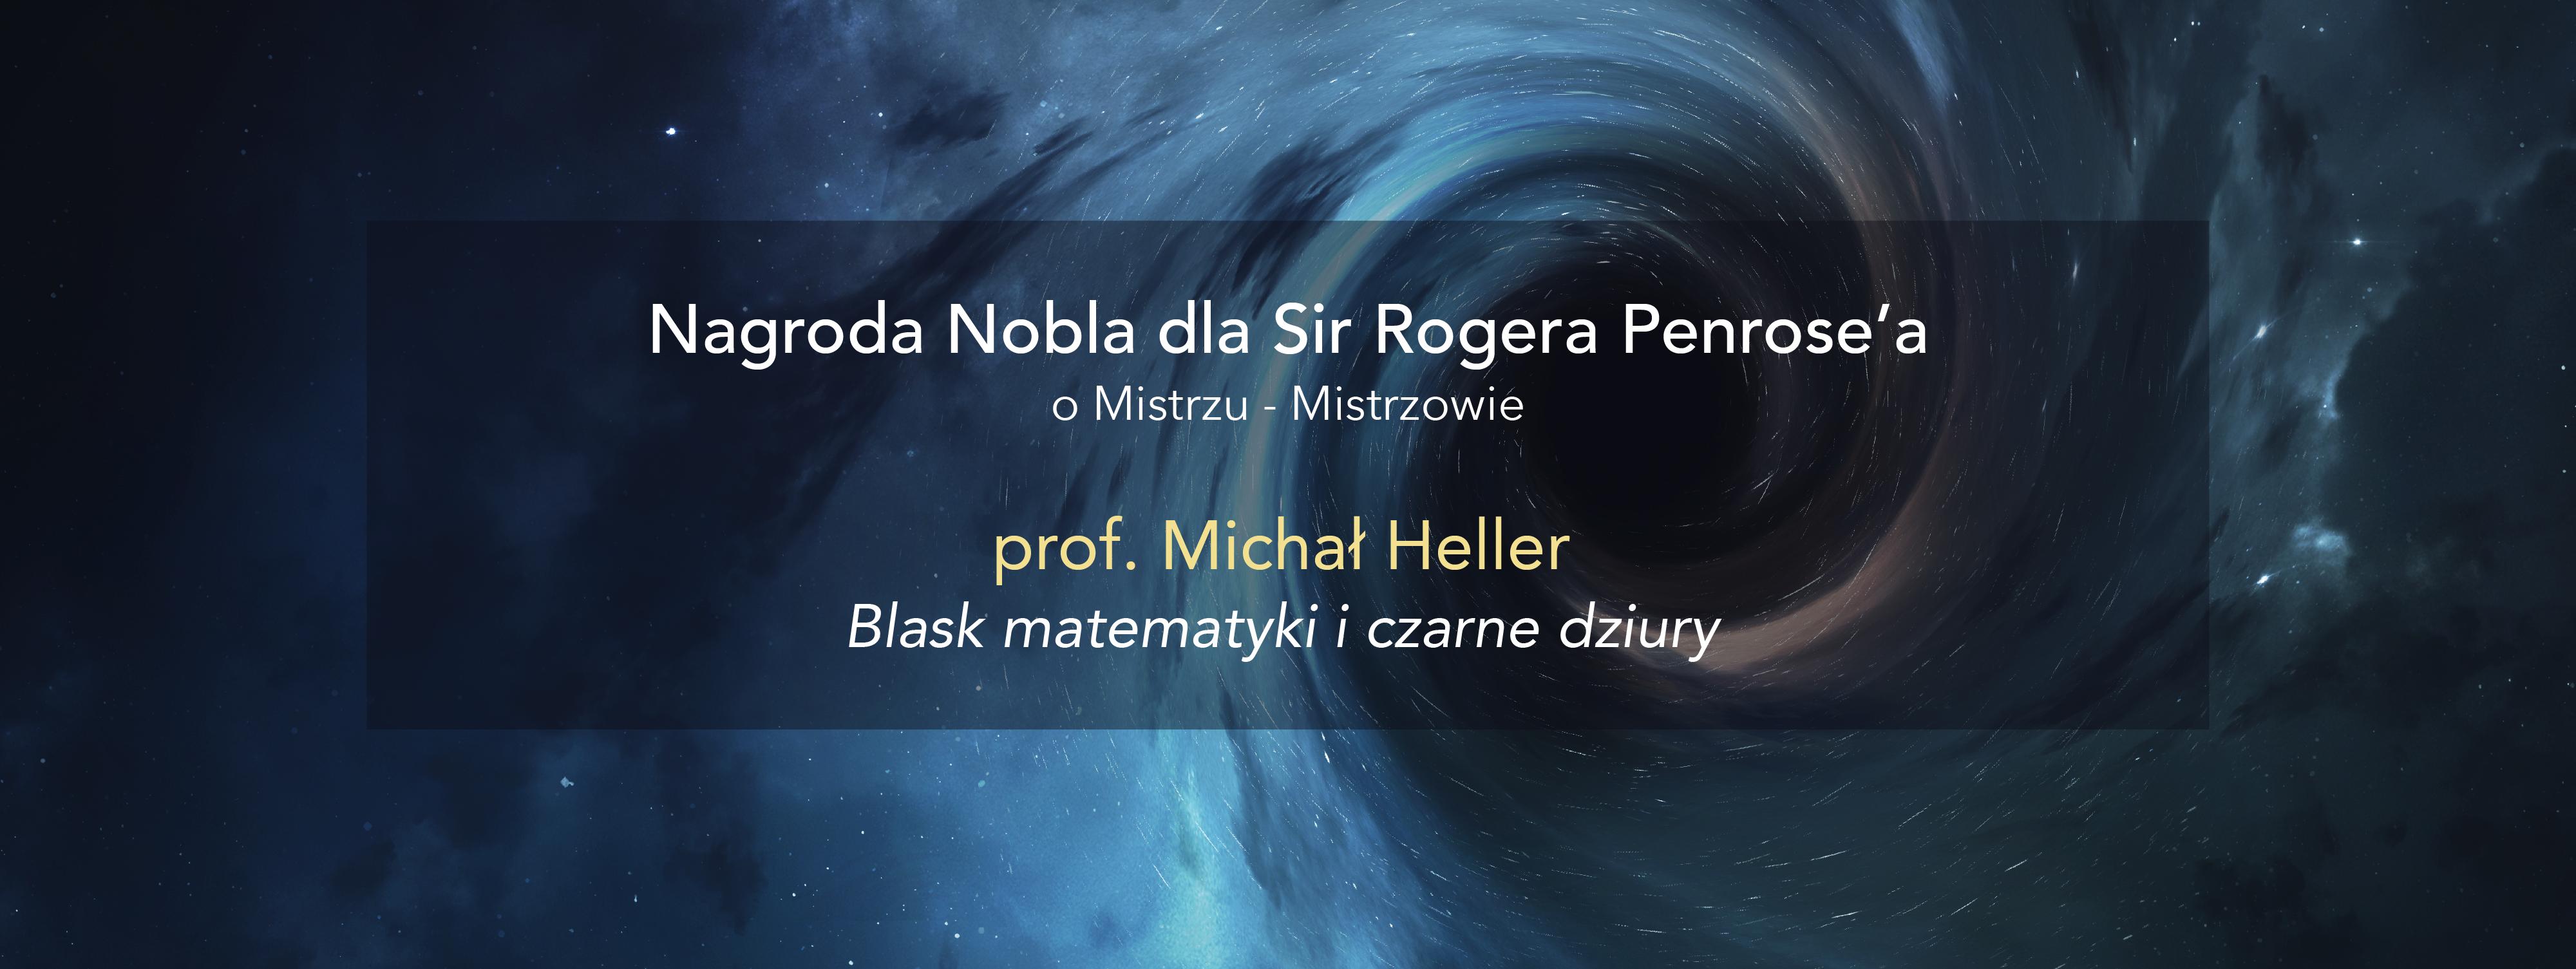 Blask matematyki i czarne dziury